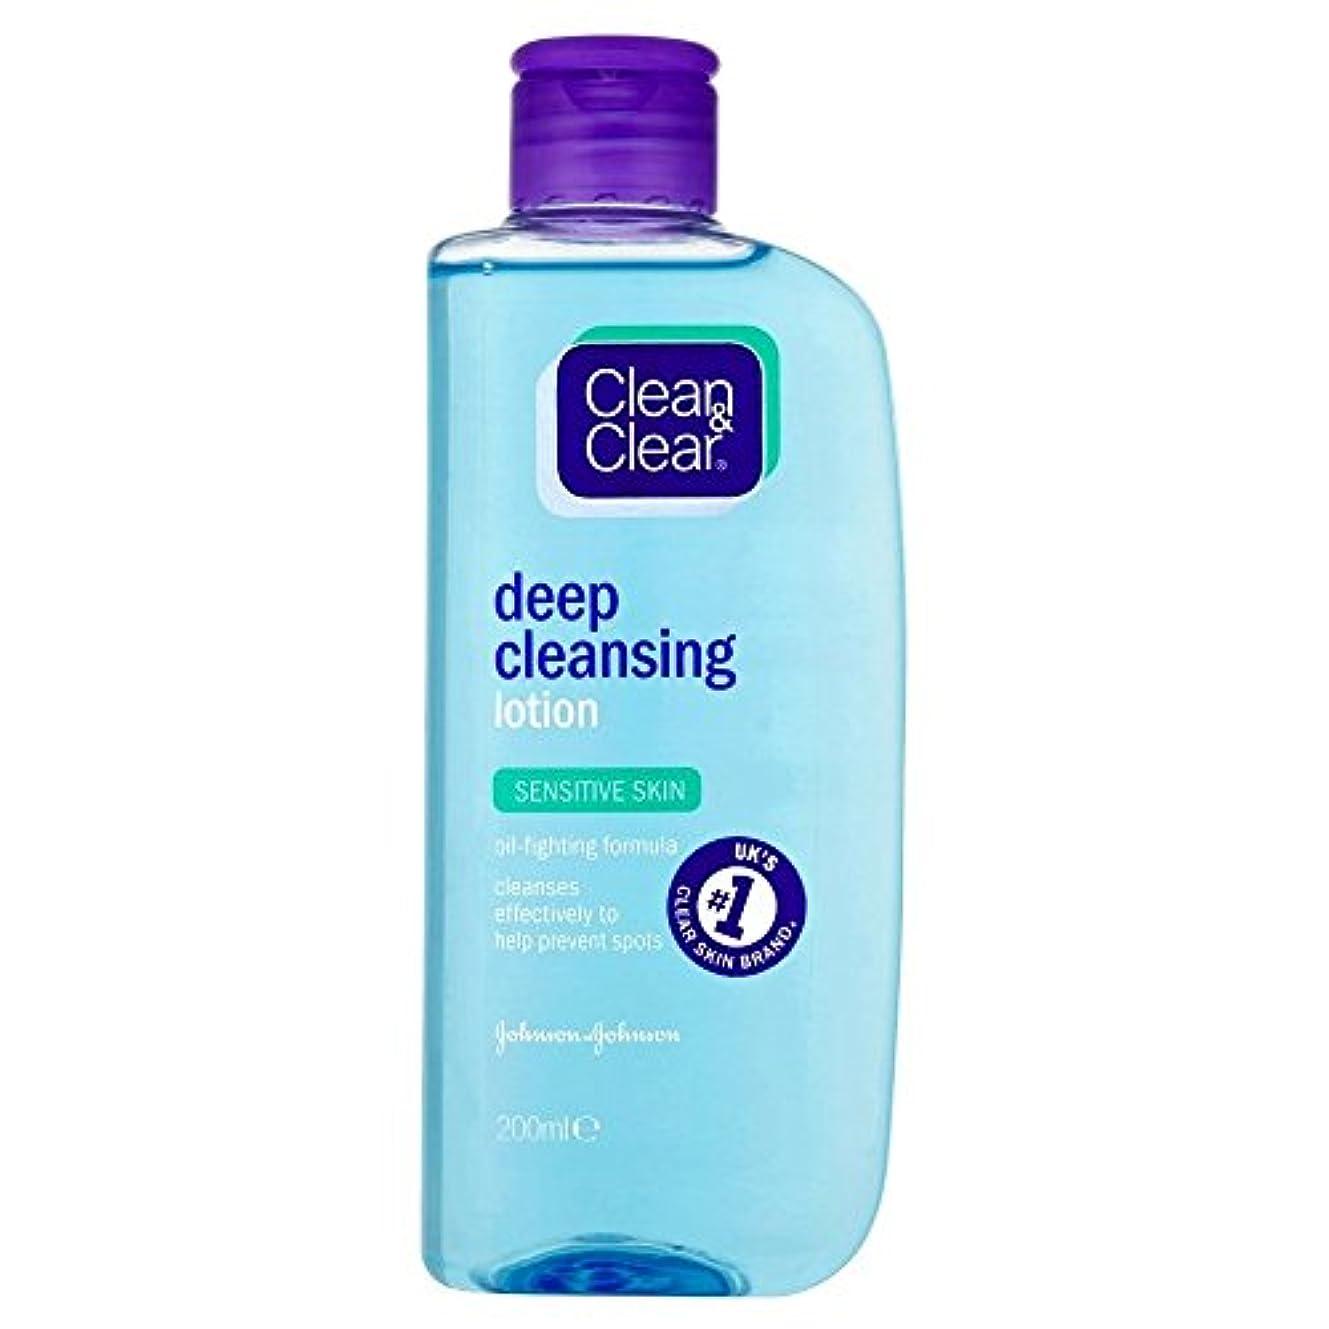 委託回るサイレンClean & Clear Deep Cleansing Lotion - Sensitive (200ml) クリーンで明確なディープクレンジングローション - 感受性( 200ミリリットル) [並行輸入品]